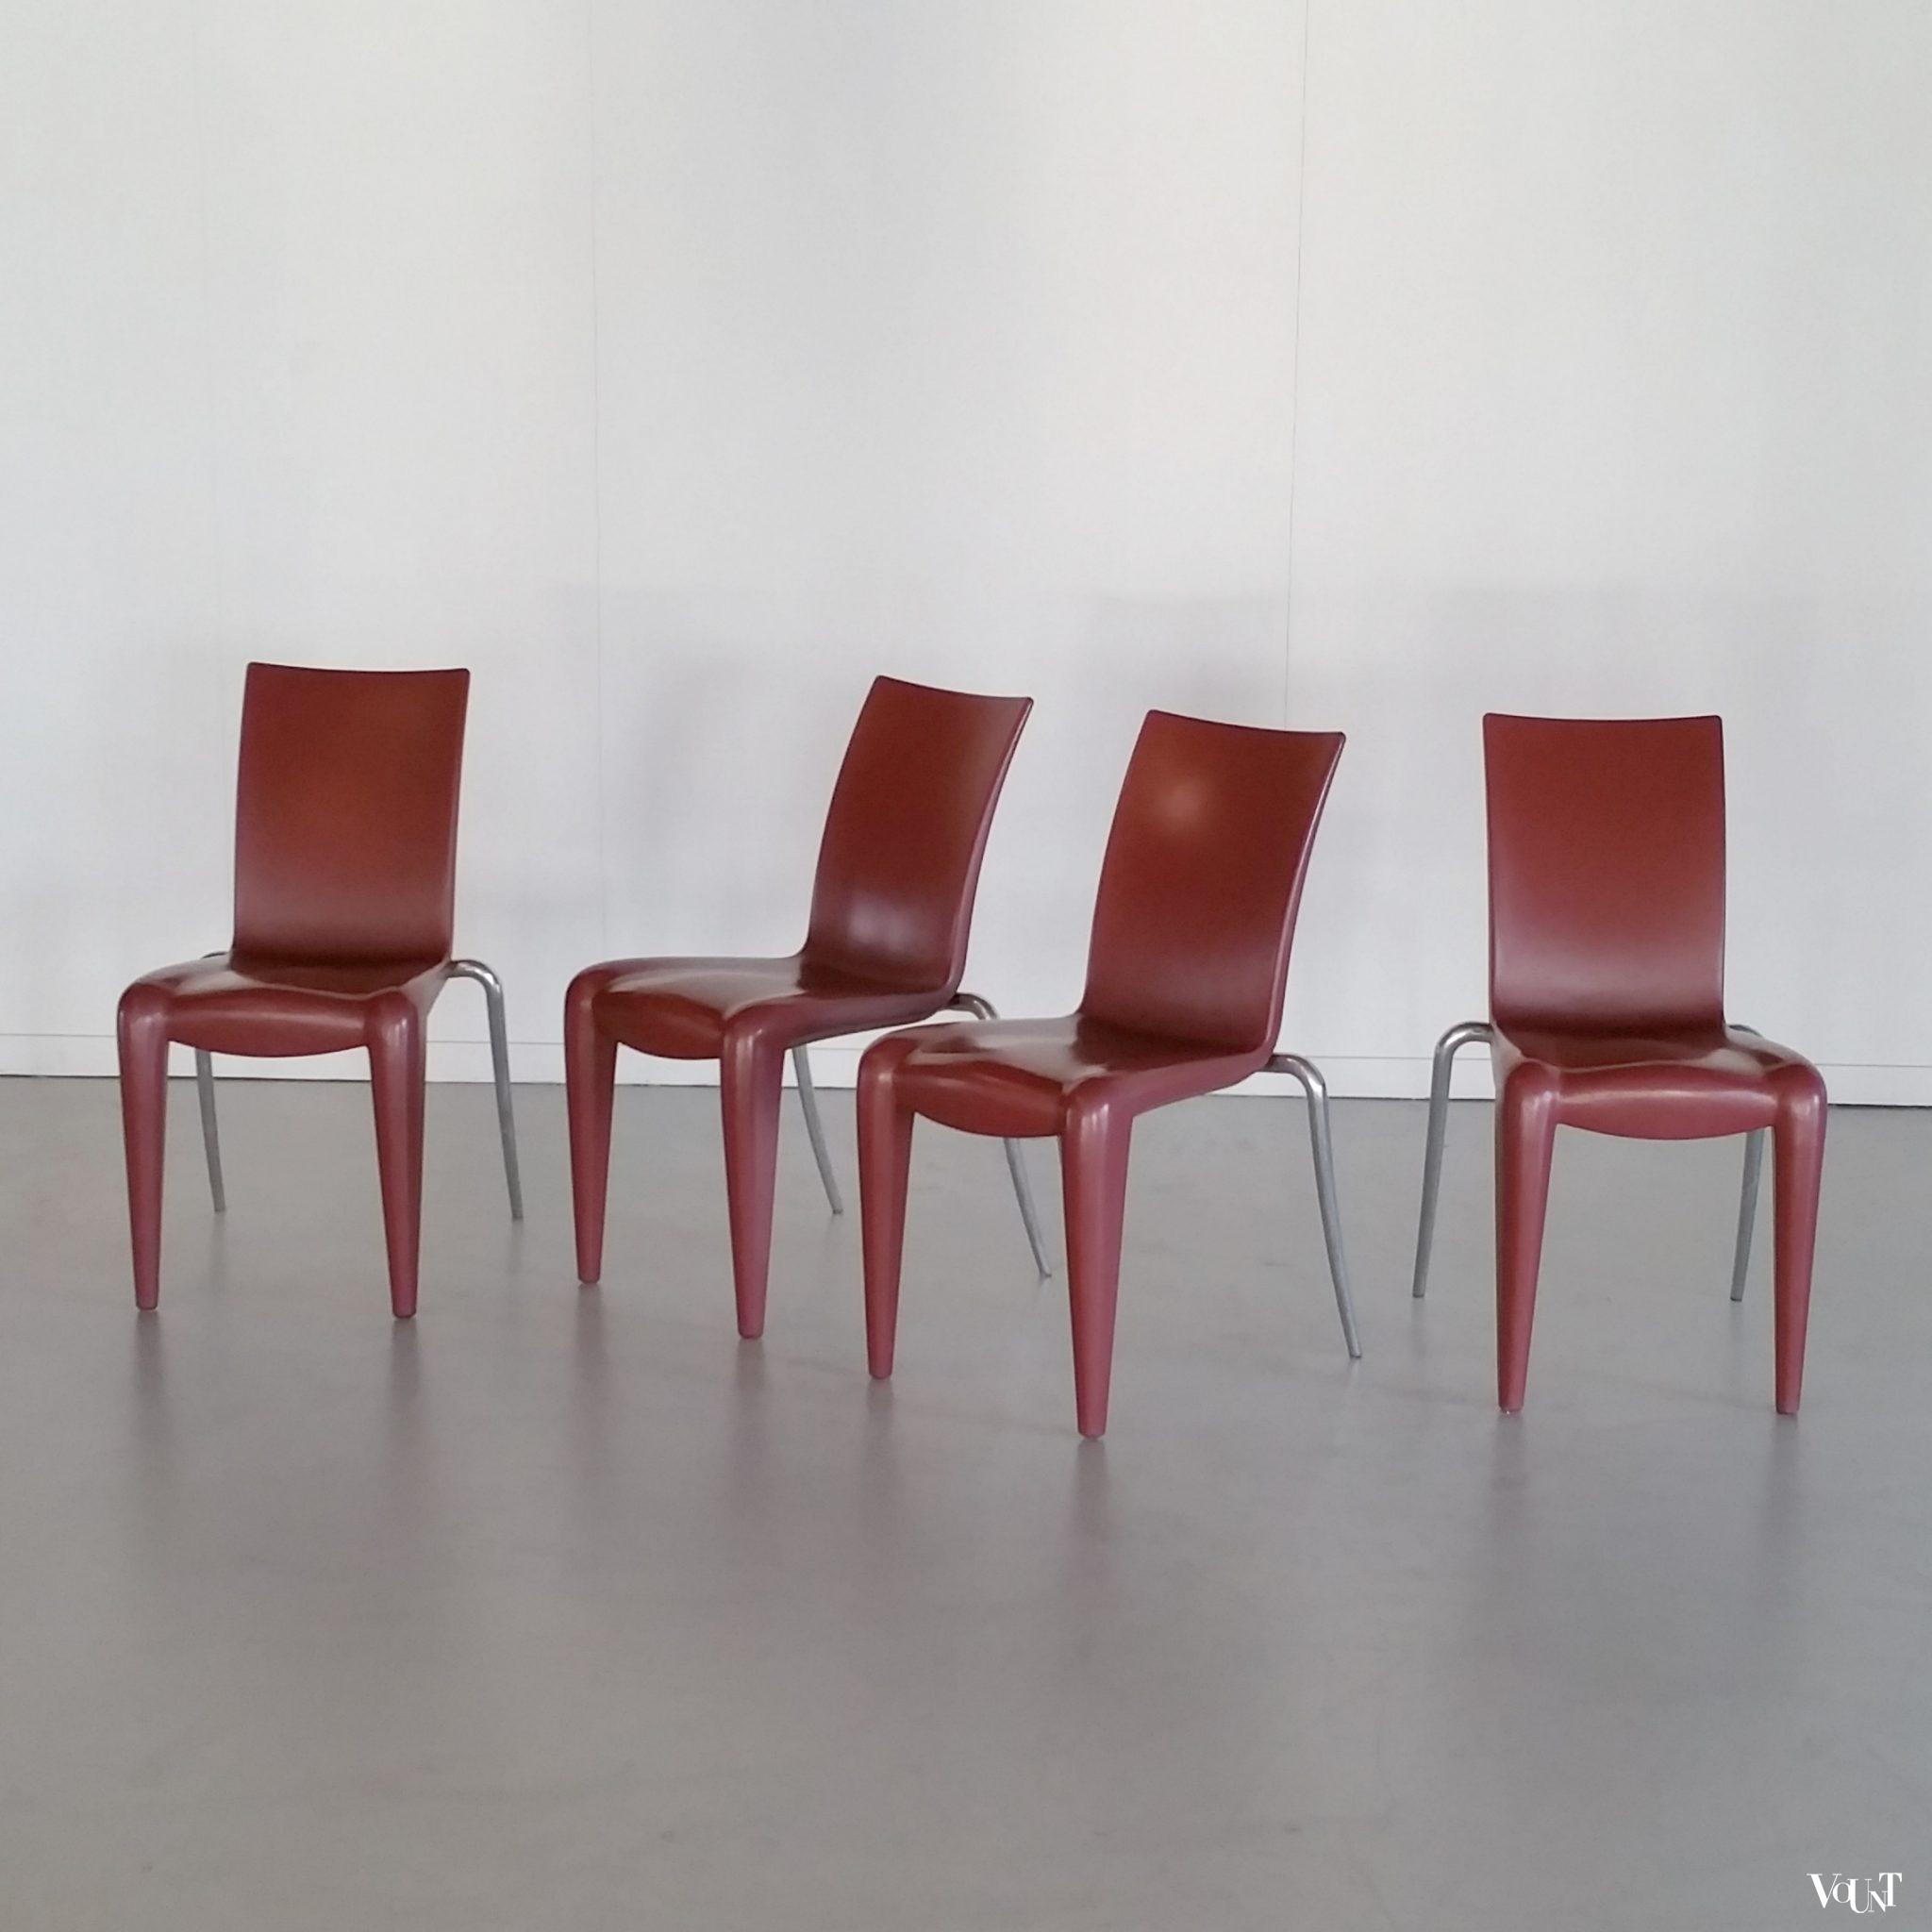 Design Stoelen Philippe Starck.Set Van 4 Design Stoelen Louis 20 Philippe Starck Voor Vitra